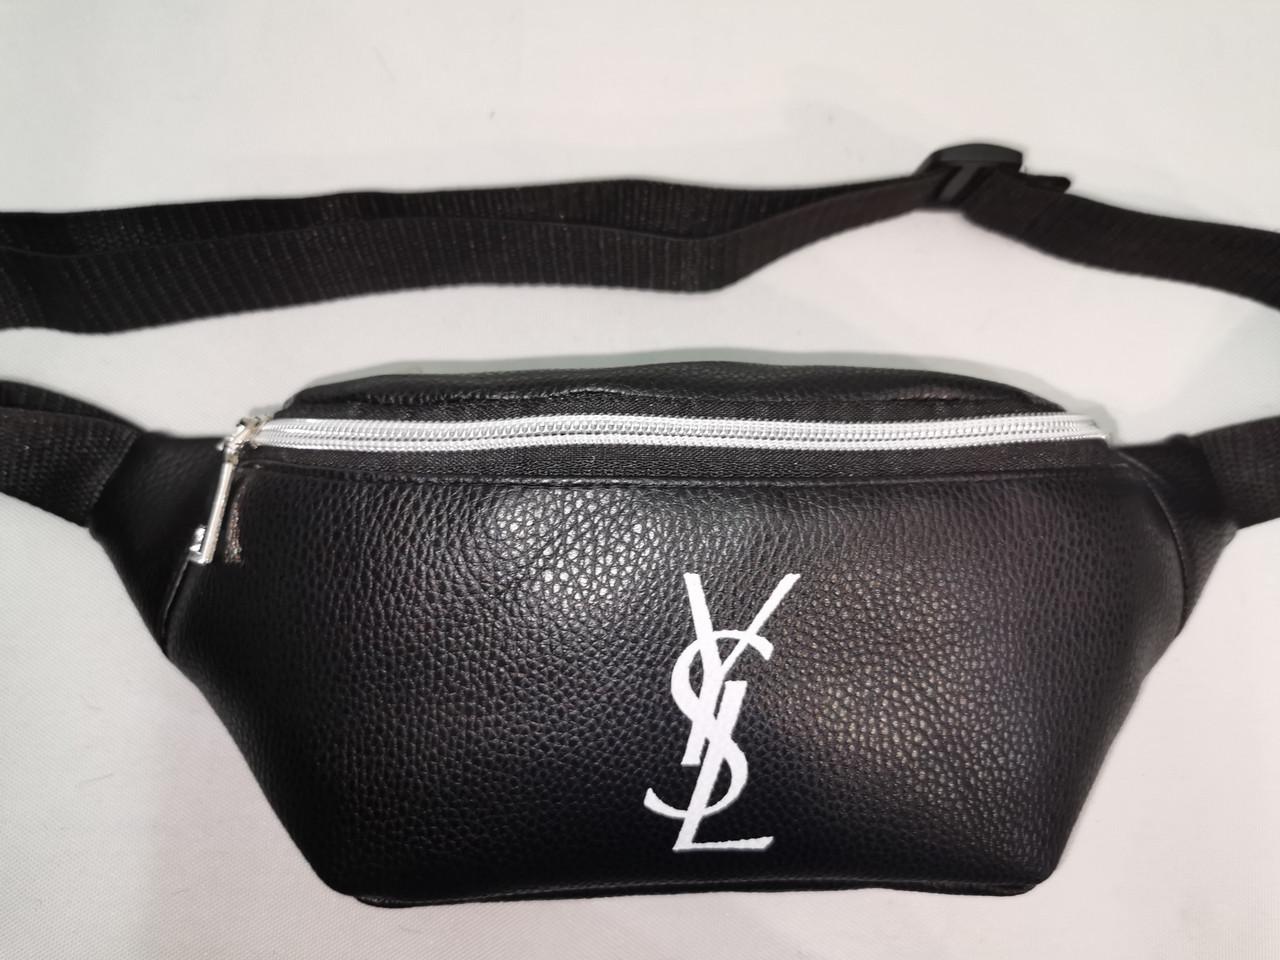 Новый стиль сумка на пояс YSL искусств кожа женский и мужские пояс Бананка только оптом